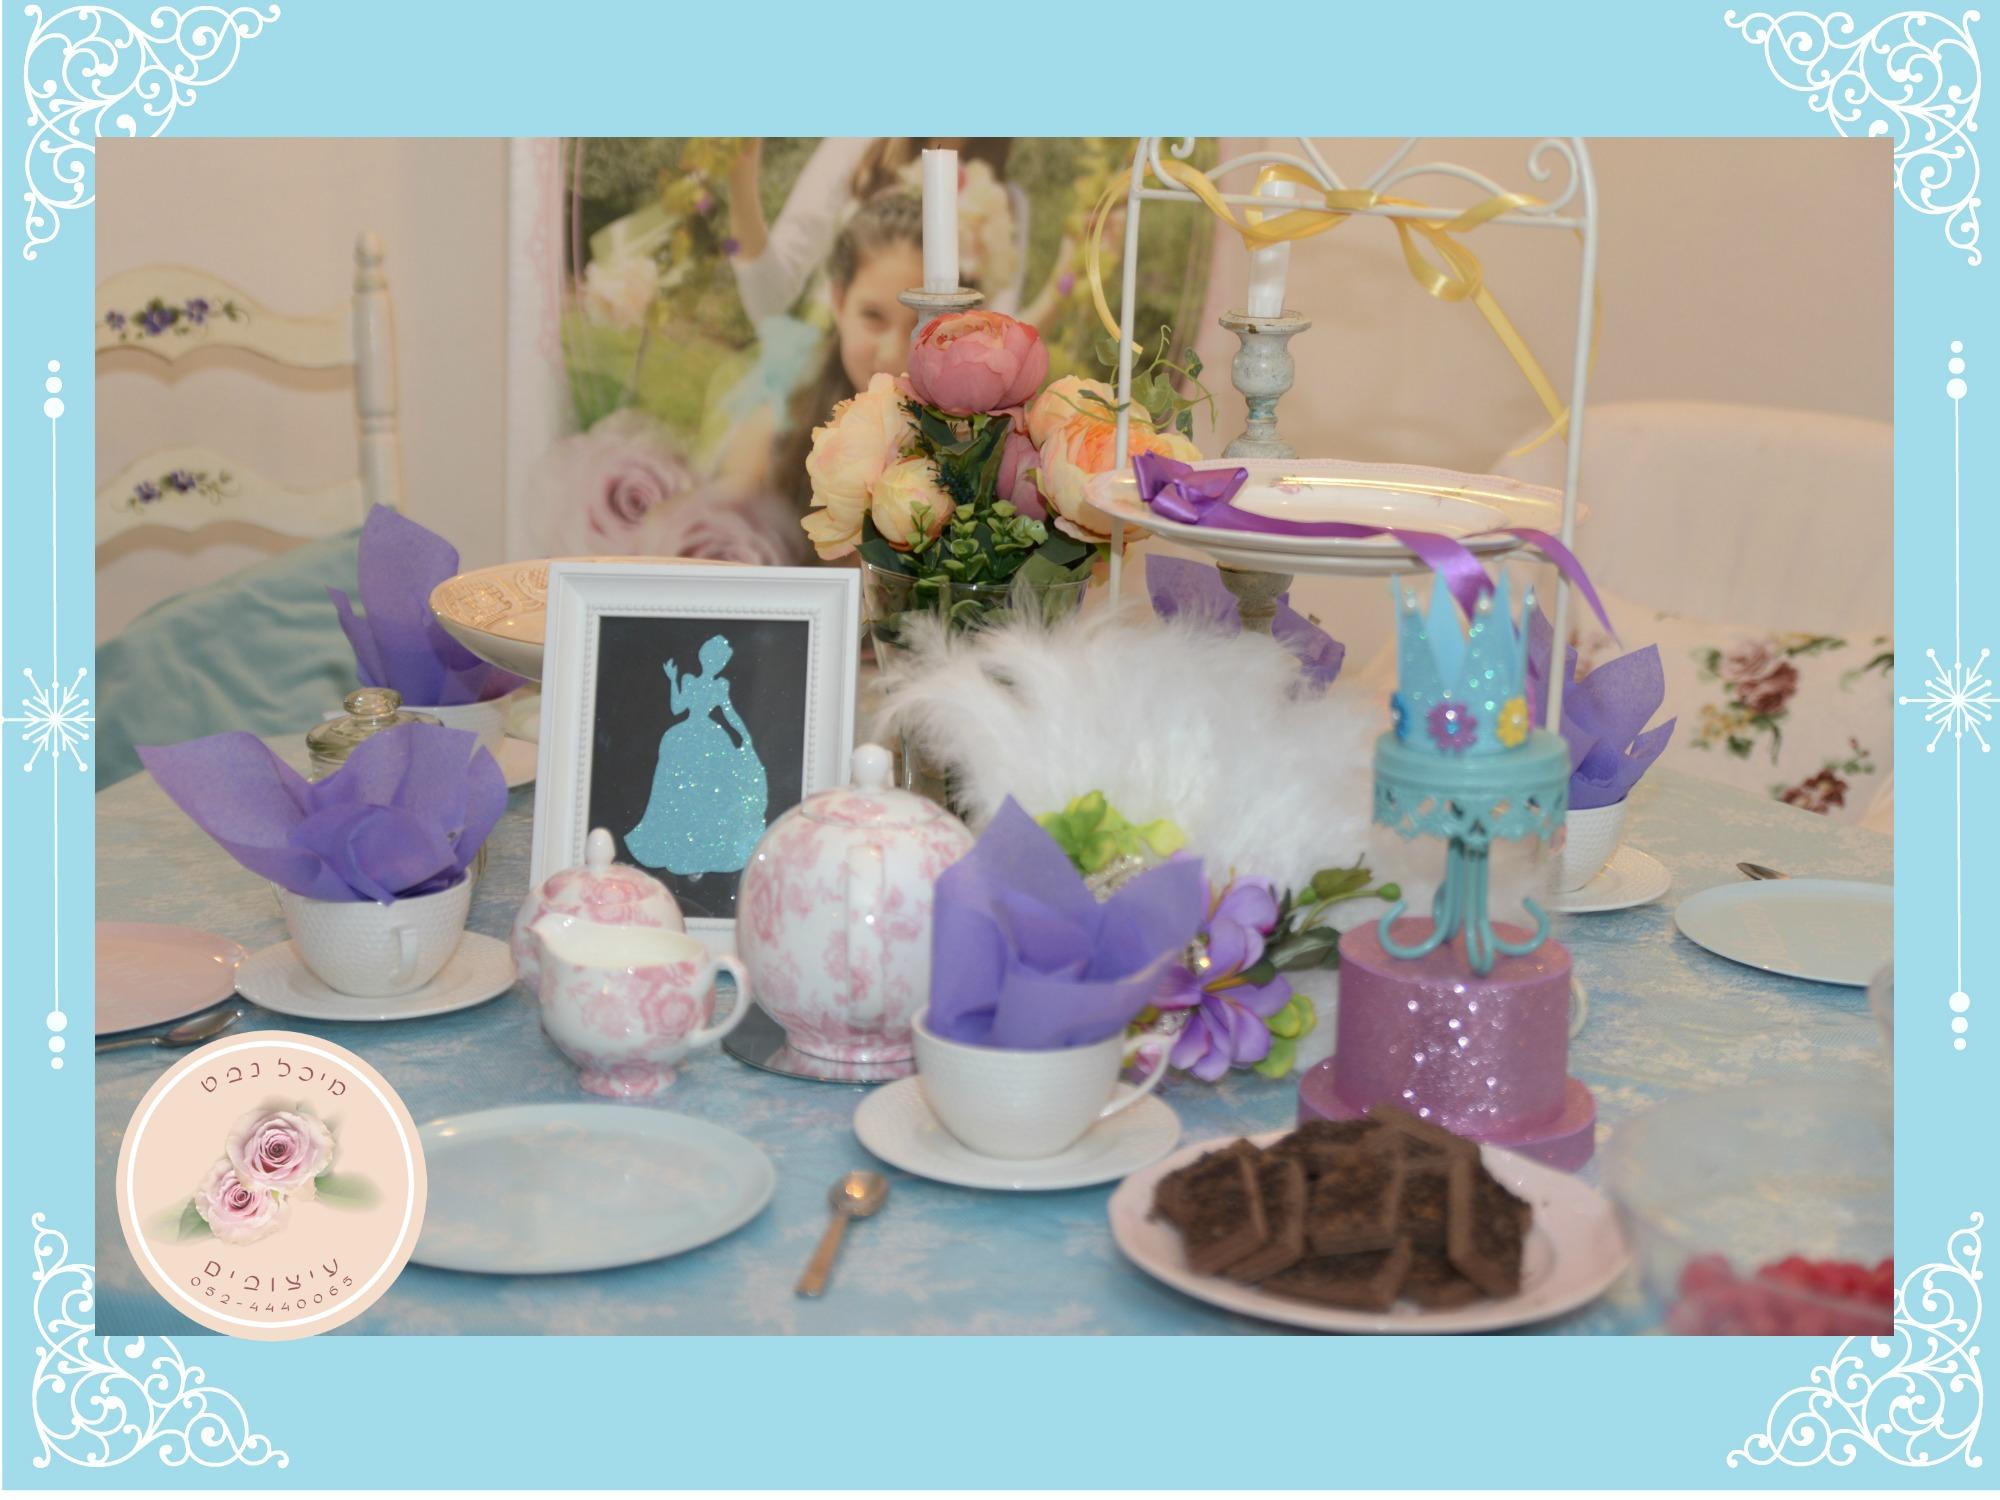 יום הולדת בנות, יום הולדת סינדרלה, מסיבת תה